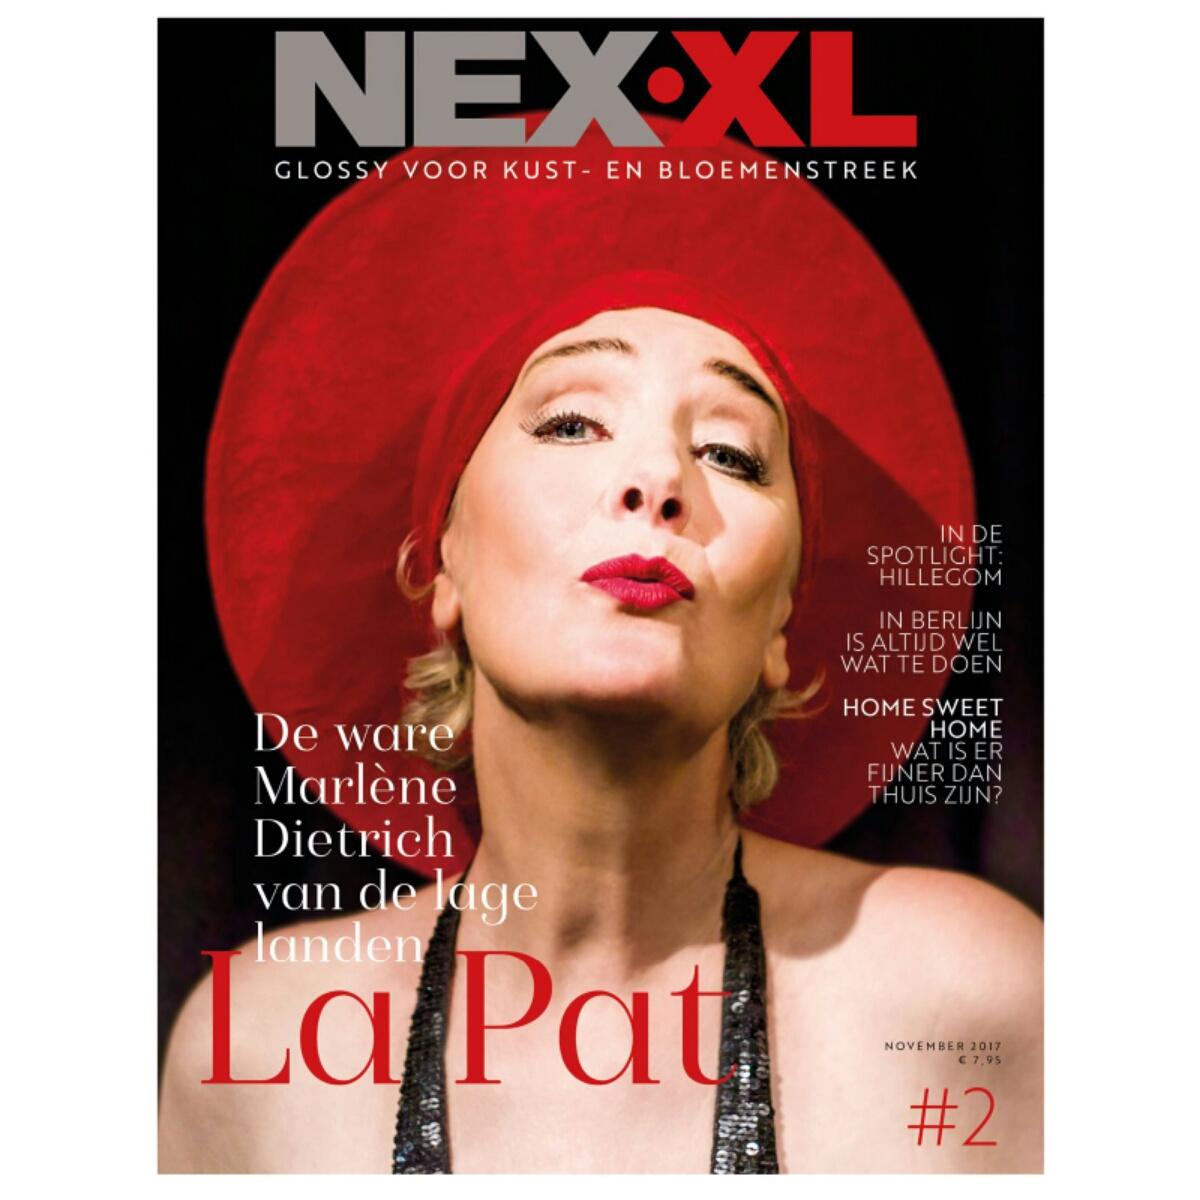 May-lisa de Laat tekstschrijver bij De Laat Communicatie schreef 3 artikelen voor NEX XL tweede editie.